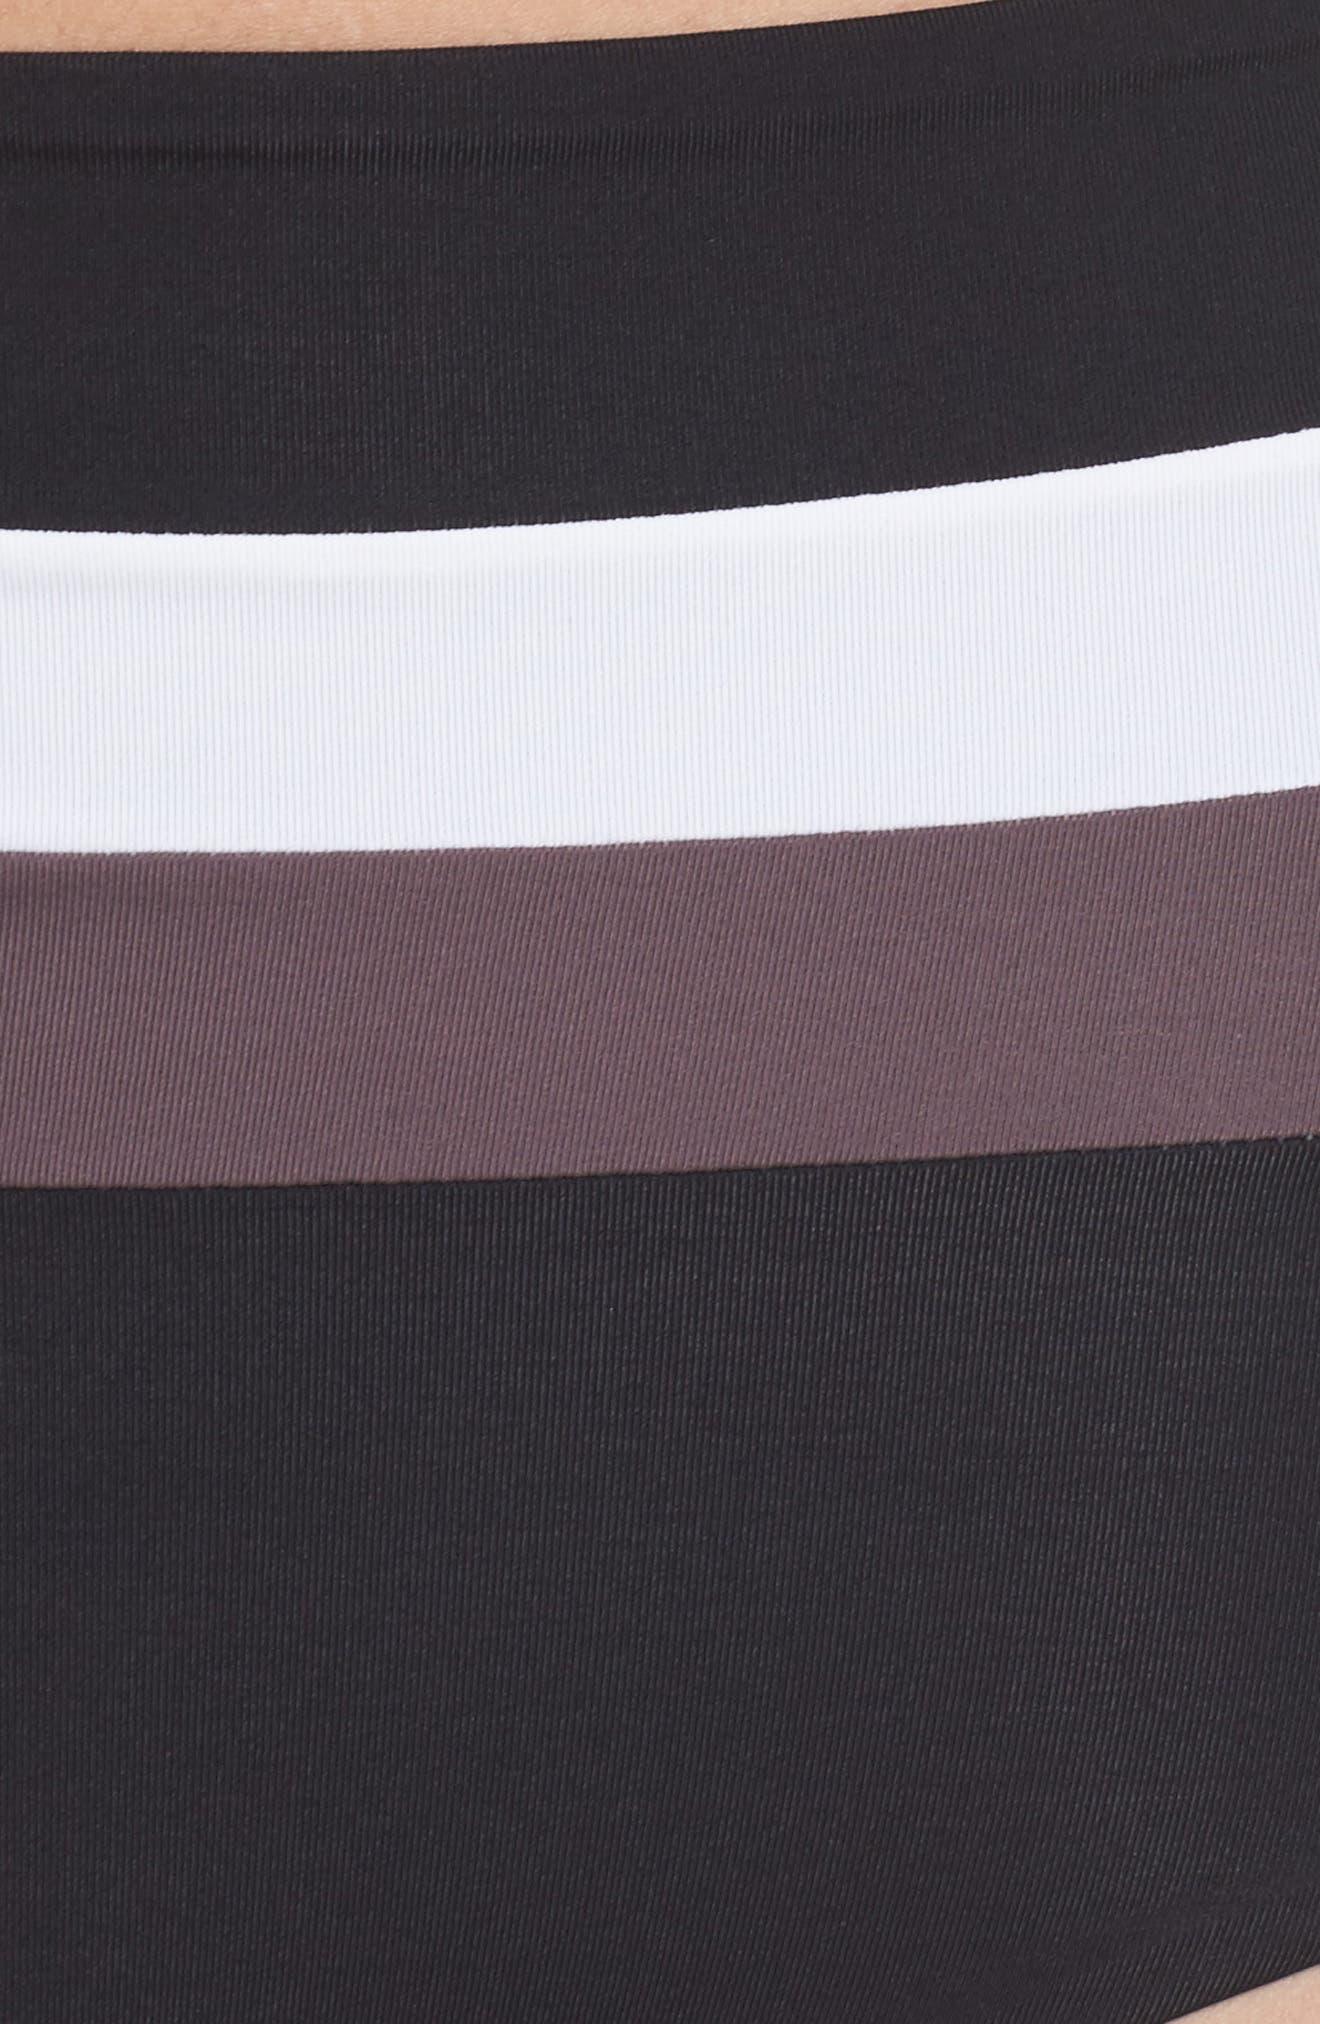 Portia Reversible Colorblock Bikini Bottoms,                             Alternate thumbnail 9, color,                             Black